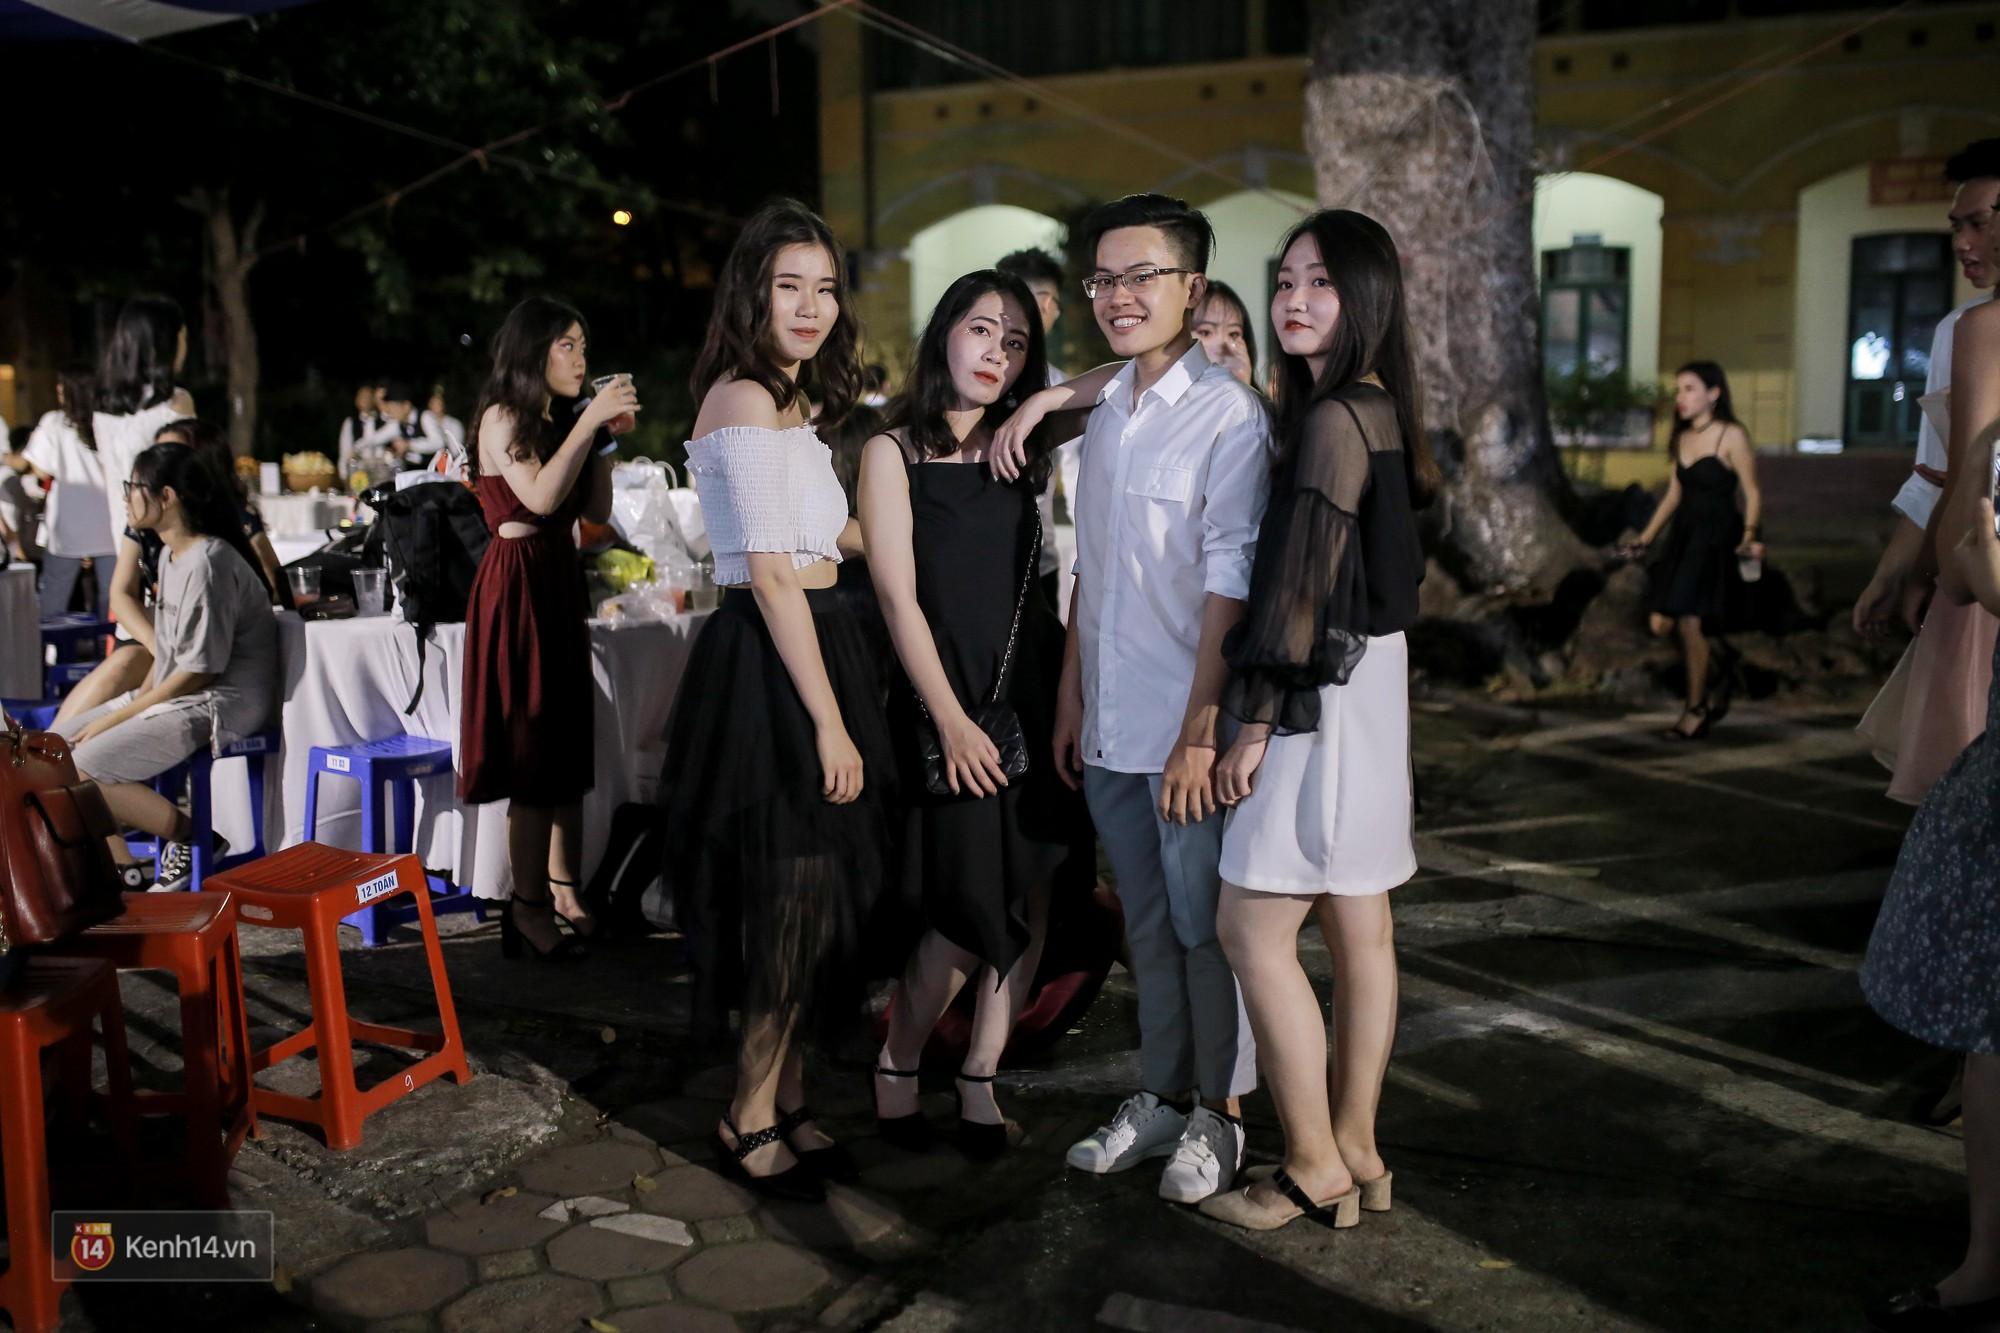 Nữ sinh Chu Văn An xinh đẹp ngẩn ngơ trong đêm tri ân/ trưởng thành-12